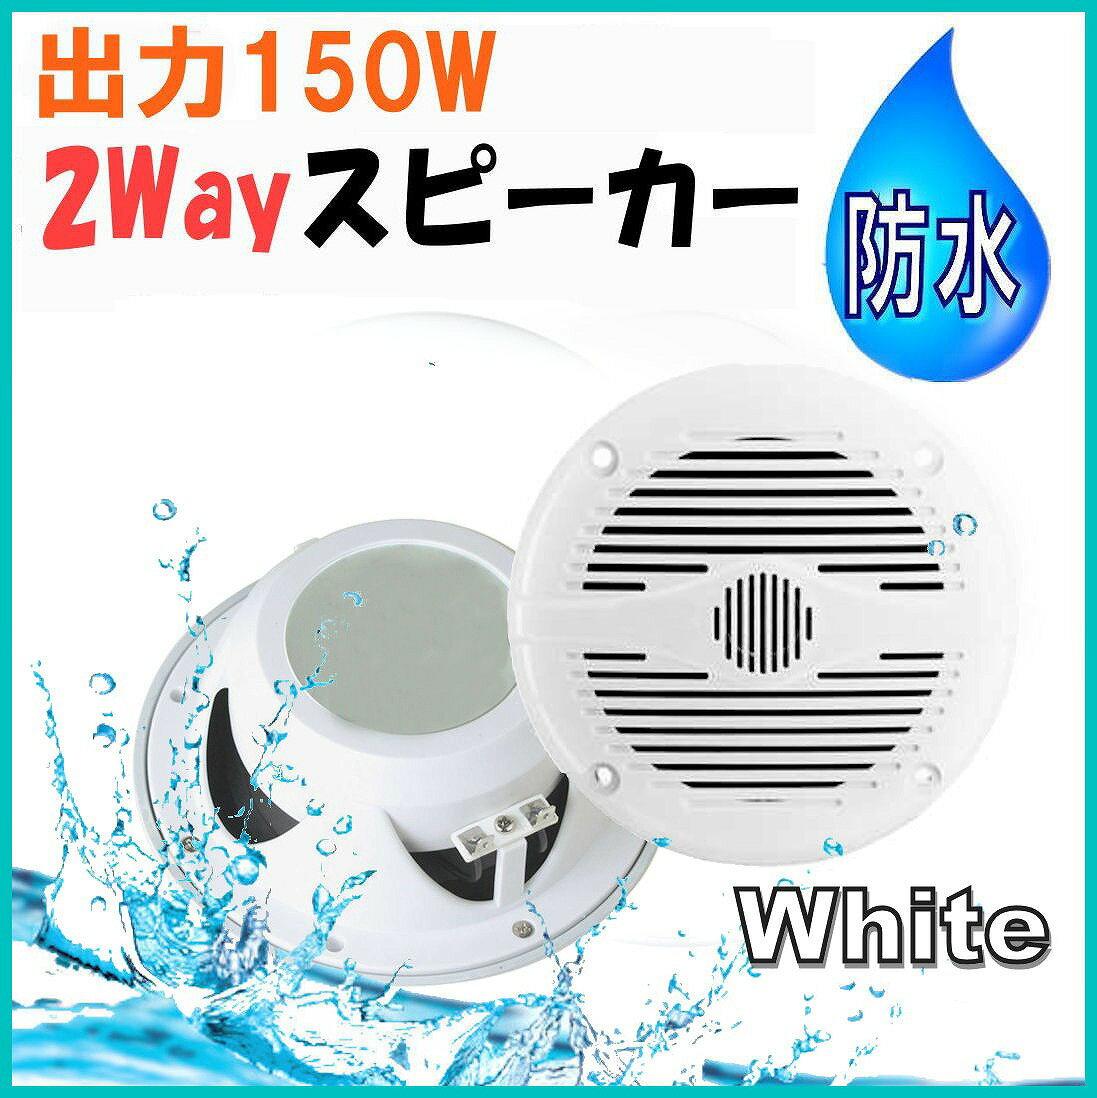 防水 マリン スピーカー 2WAY最大出力 150W 2個セット 白色